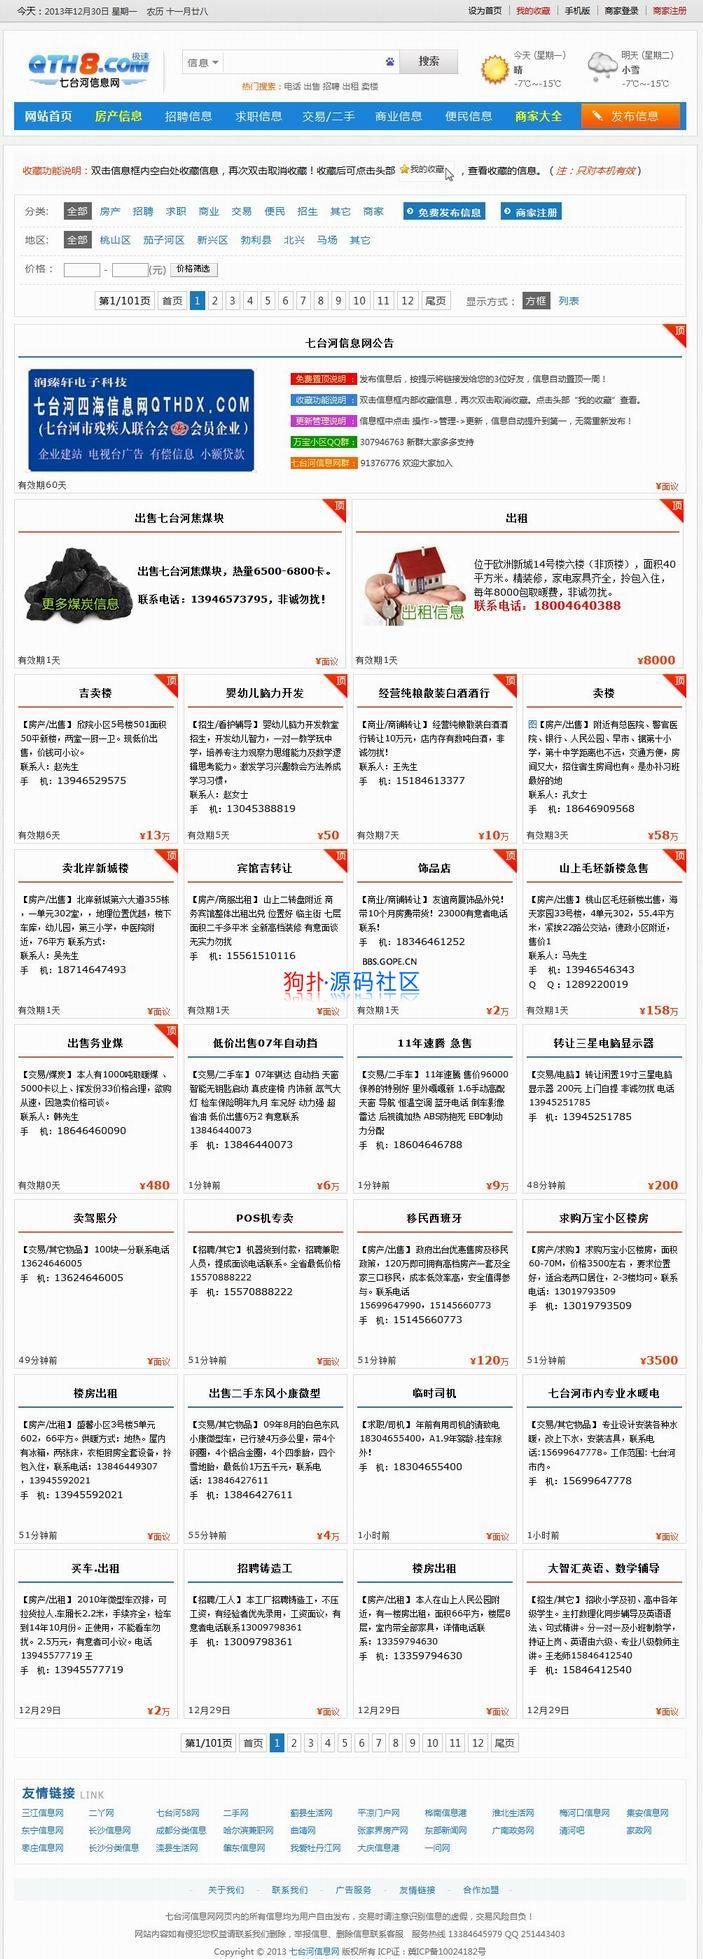 【NET】框分类信息v8.1(七台河分类)商业版